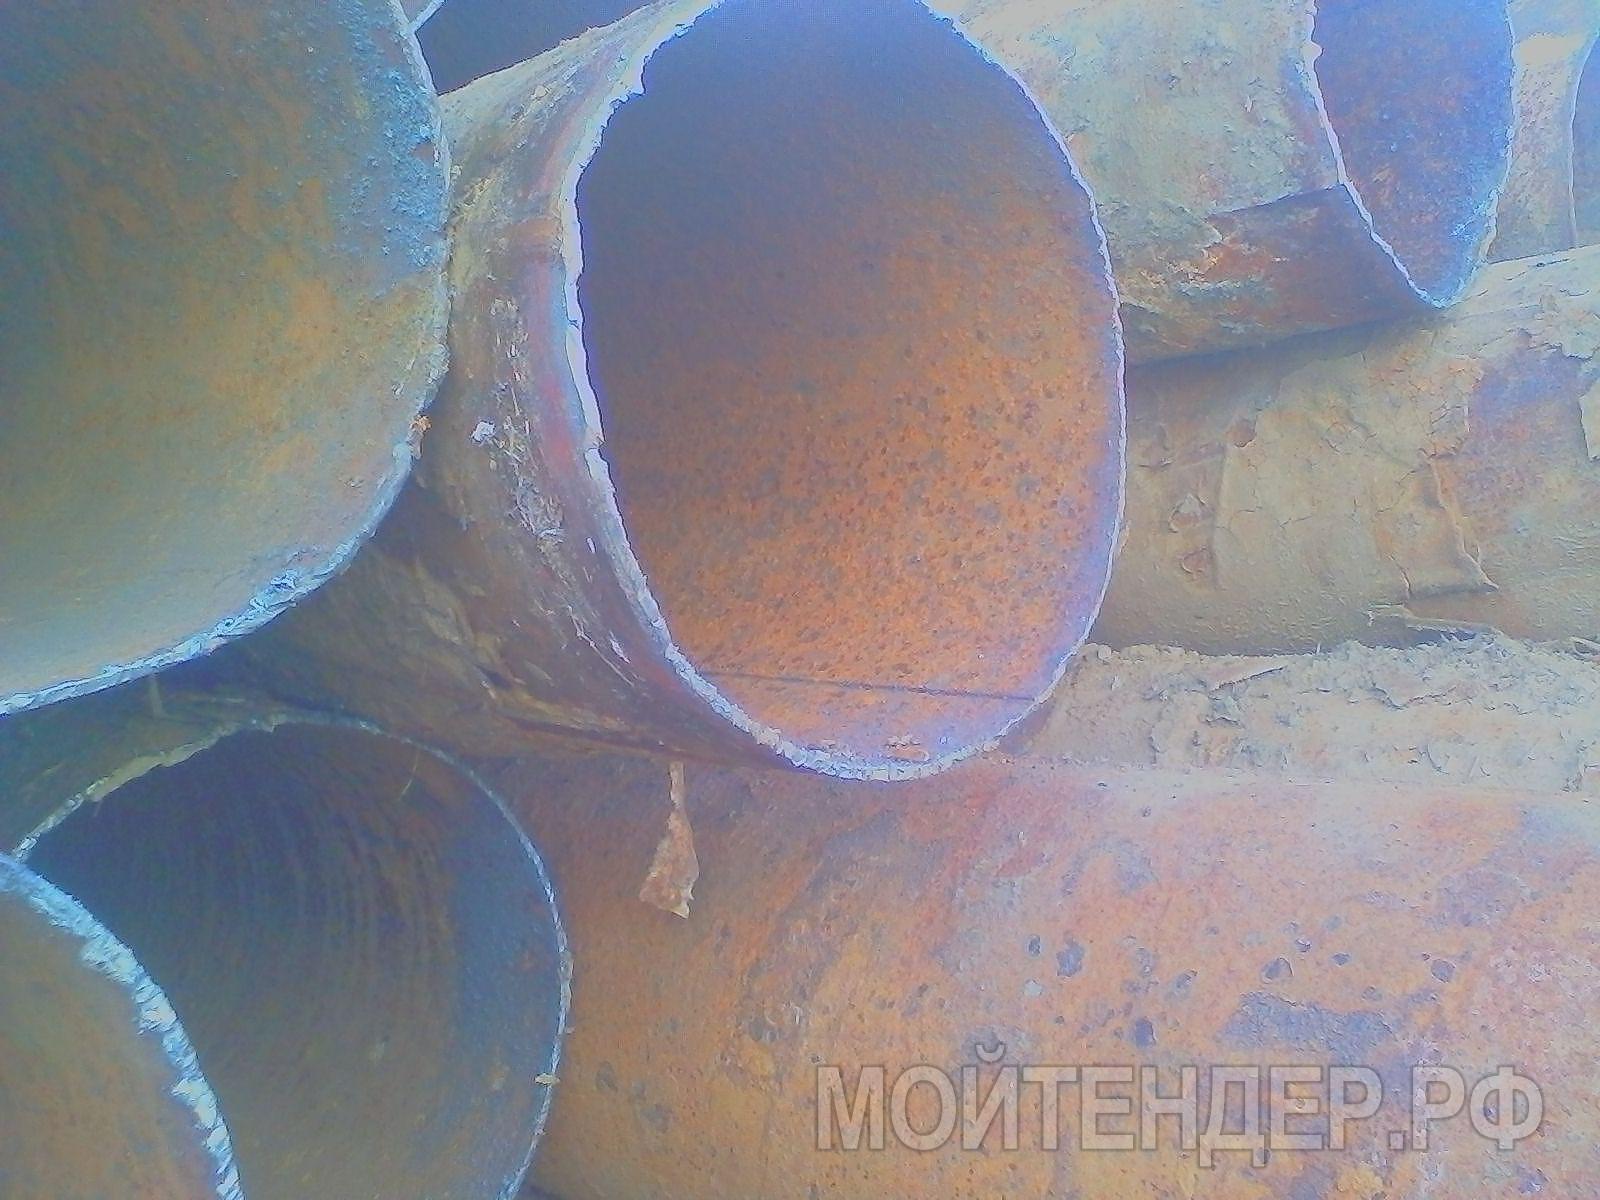 Мойтендер.рф-304-42-2626: Фото 5